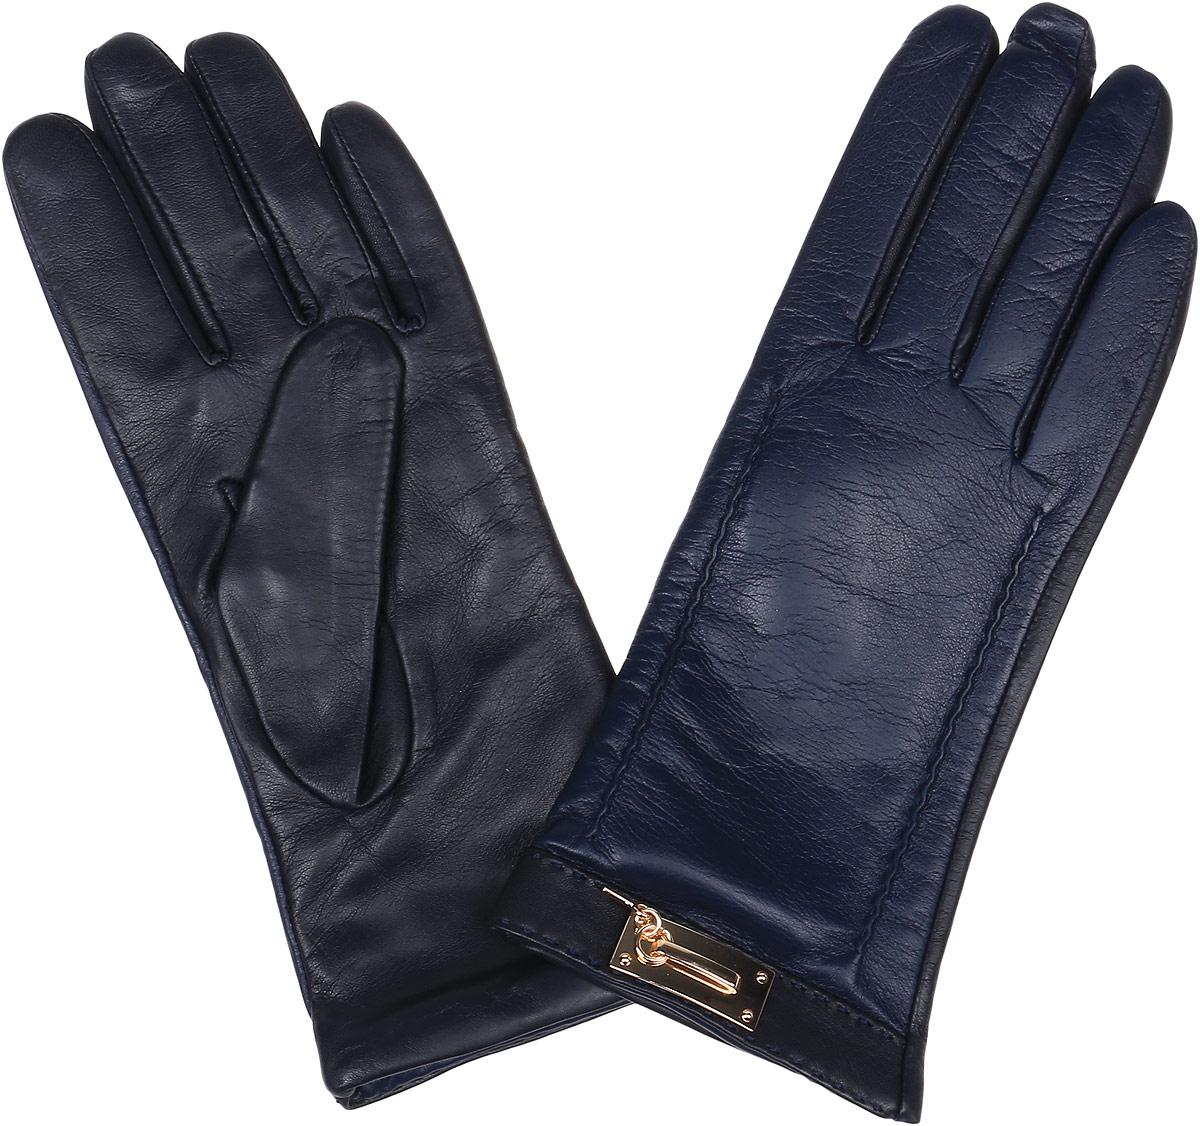 Перчатки9.73-11 blueСтильные женские перчатки Fabretti не только защитят ваши руки, но и станут великолепным украшением. Перчатки выполнены из натуральной кожи ягненка, а их подкладка - из высококачественной шерсти с добавлением кашемира. Модель оформлена оригинальными строчками-стежками и металлической пластиной, дополненной ключиком. Стильный аксессуар для повседневного образа.